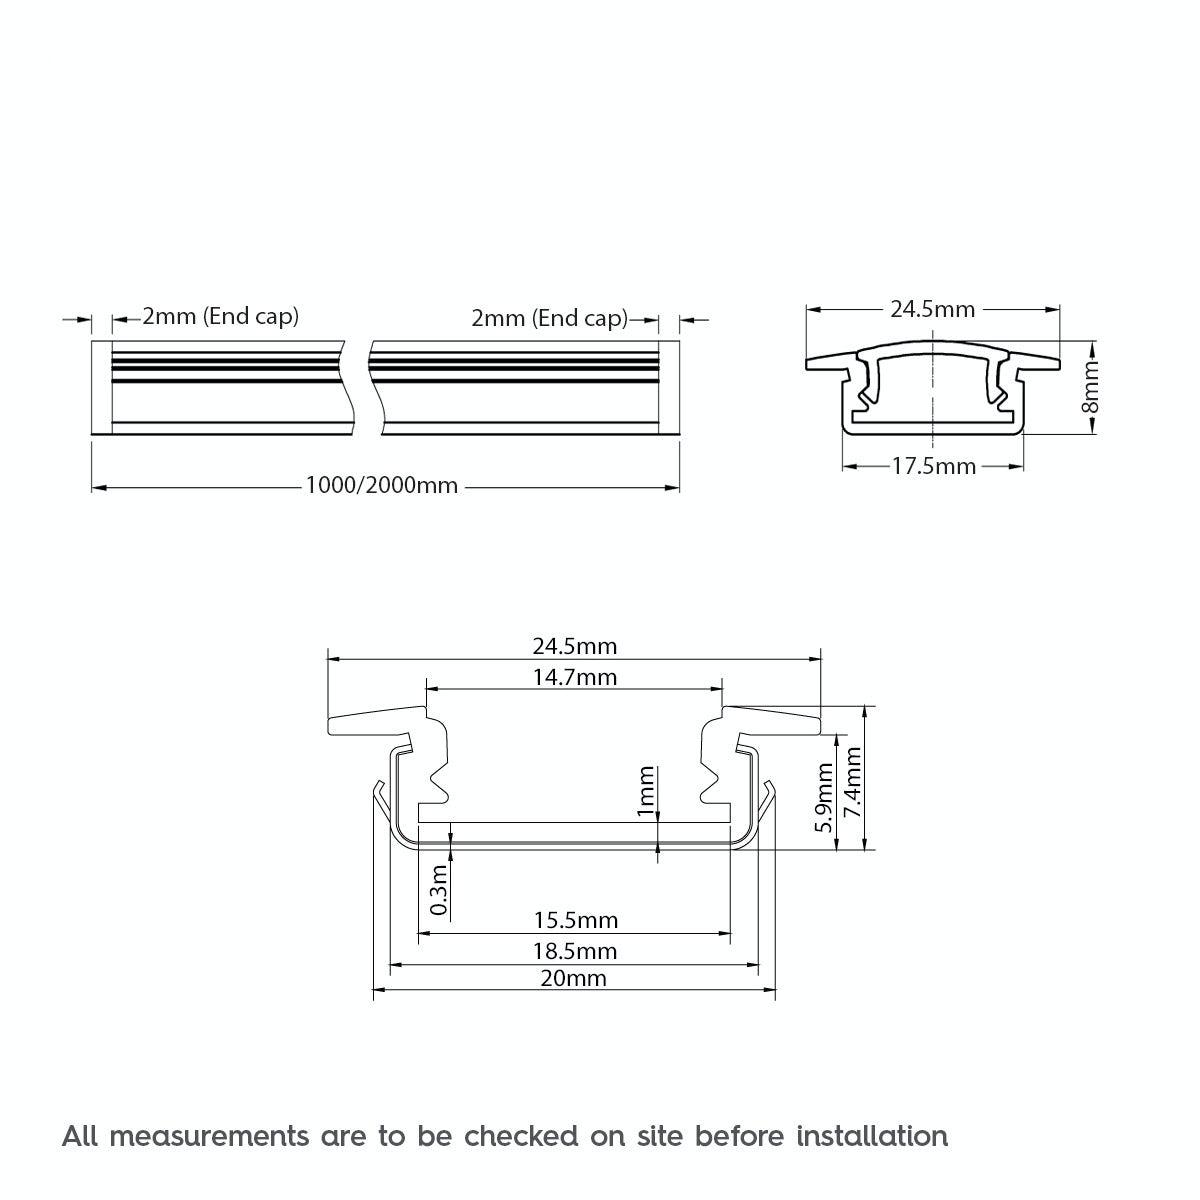 Dimensions for Mode Recessed aluminium profile 2m